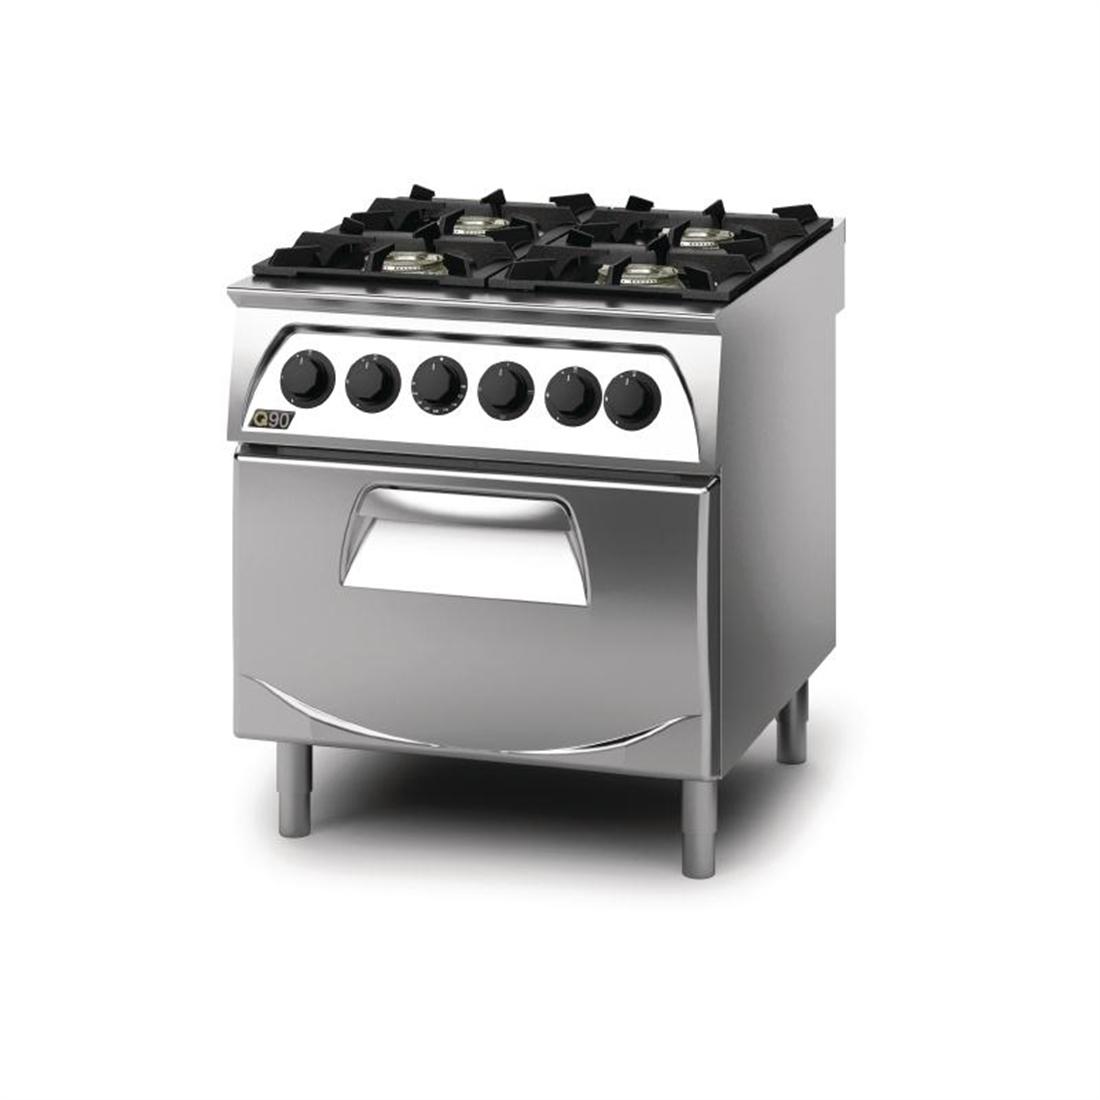 Q90 4 Burner Open Burner Range with Electric 2/1GN Oven Natural Gas ...